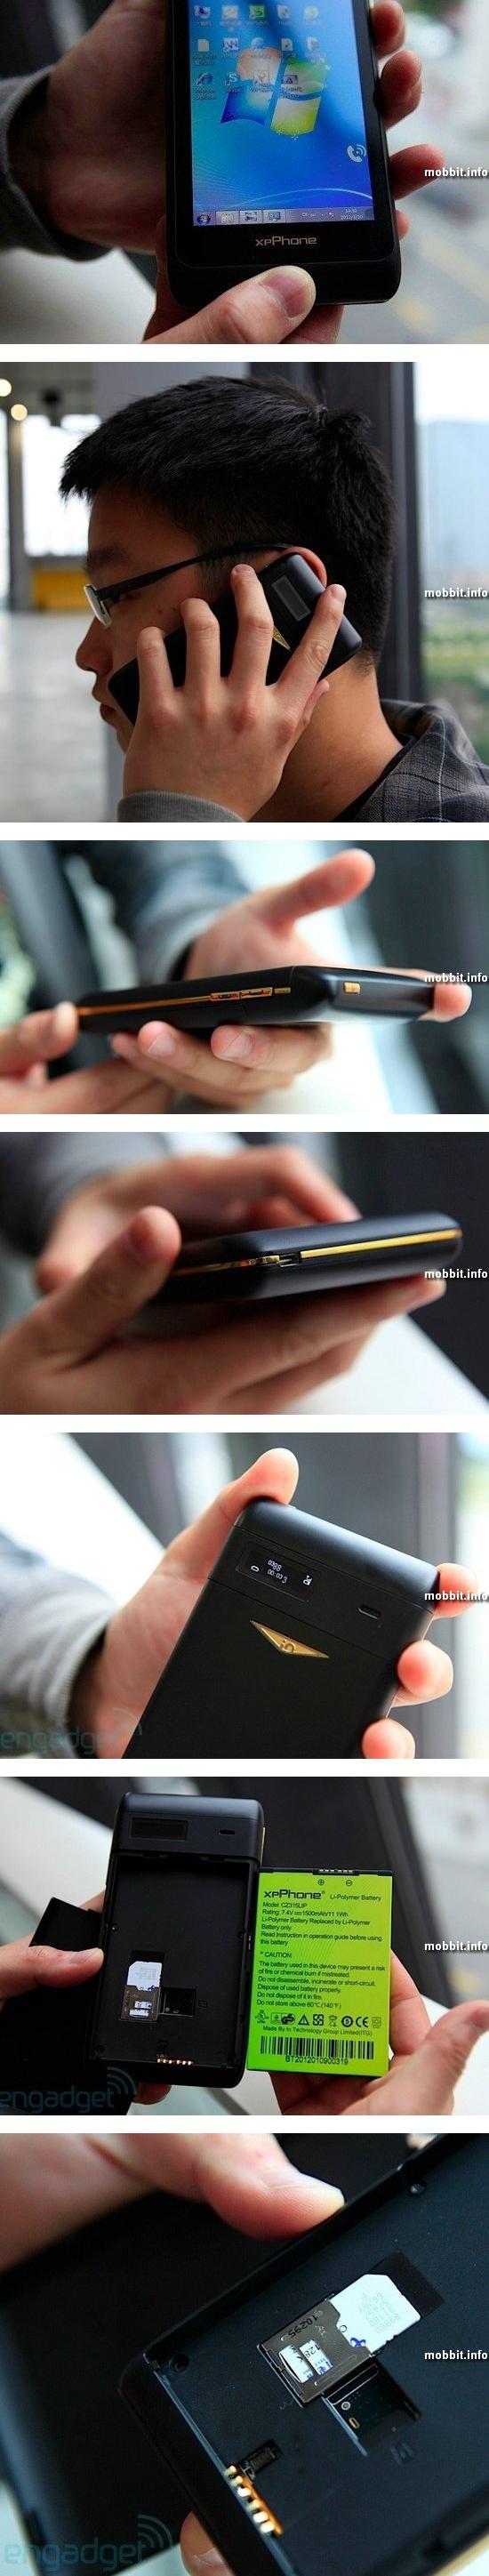 ITG xpPhone 2